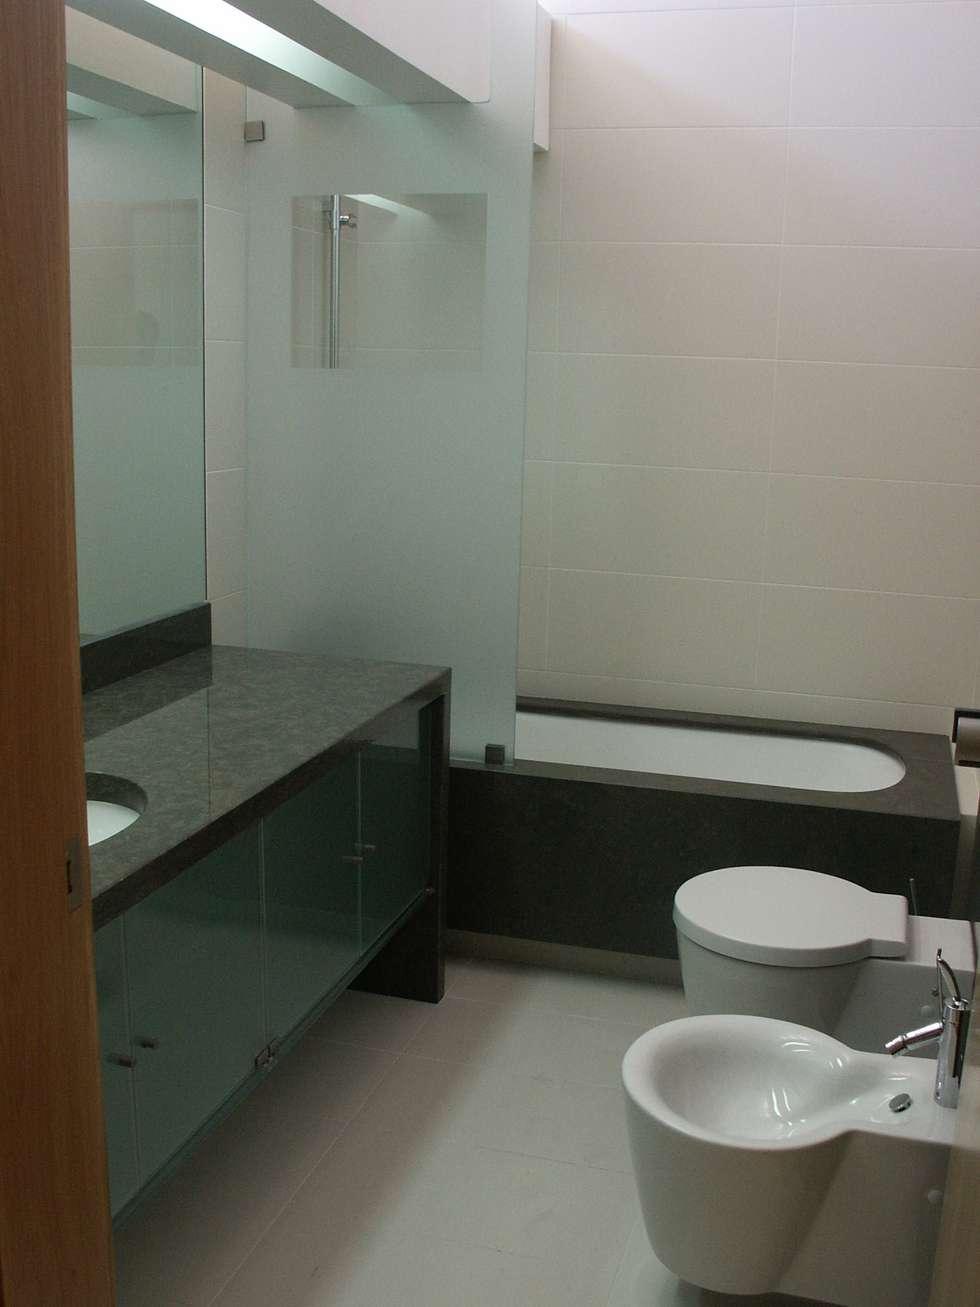 casa de banho: Casas de banho modernas por Pardal Monteiro Arquitetos, lda